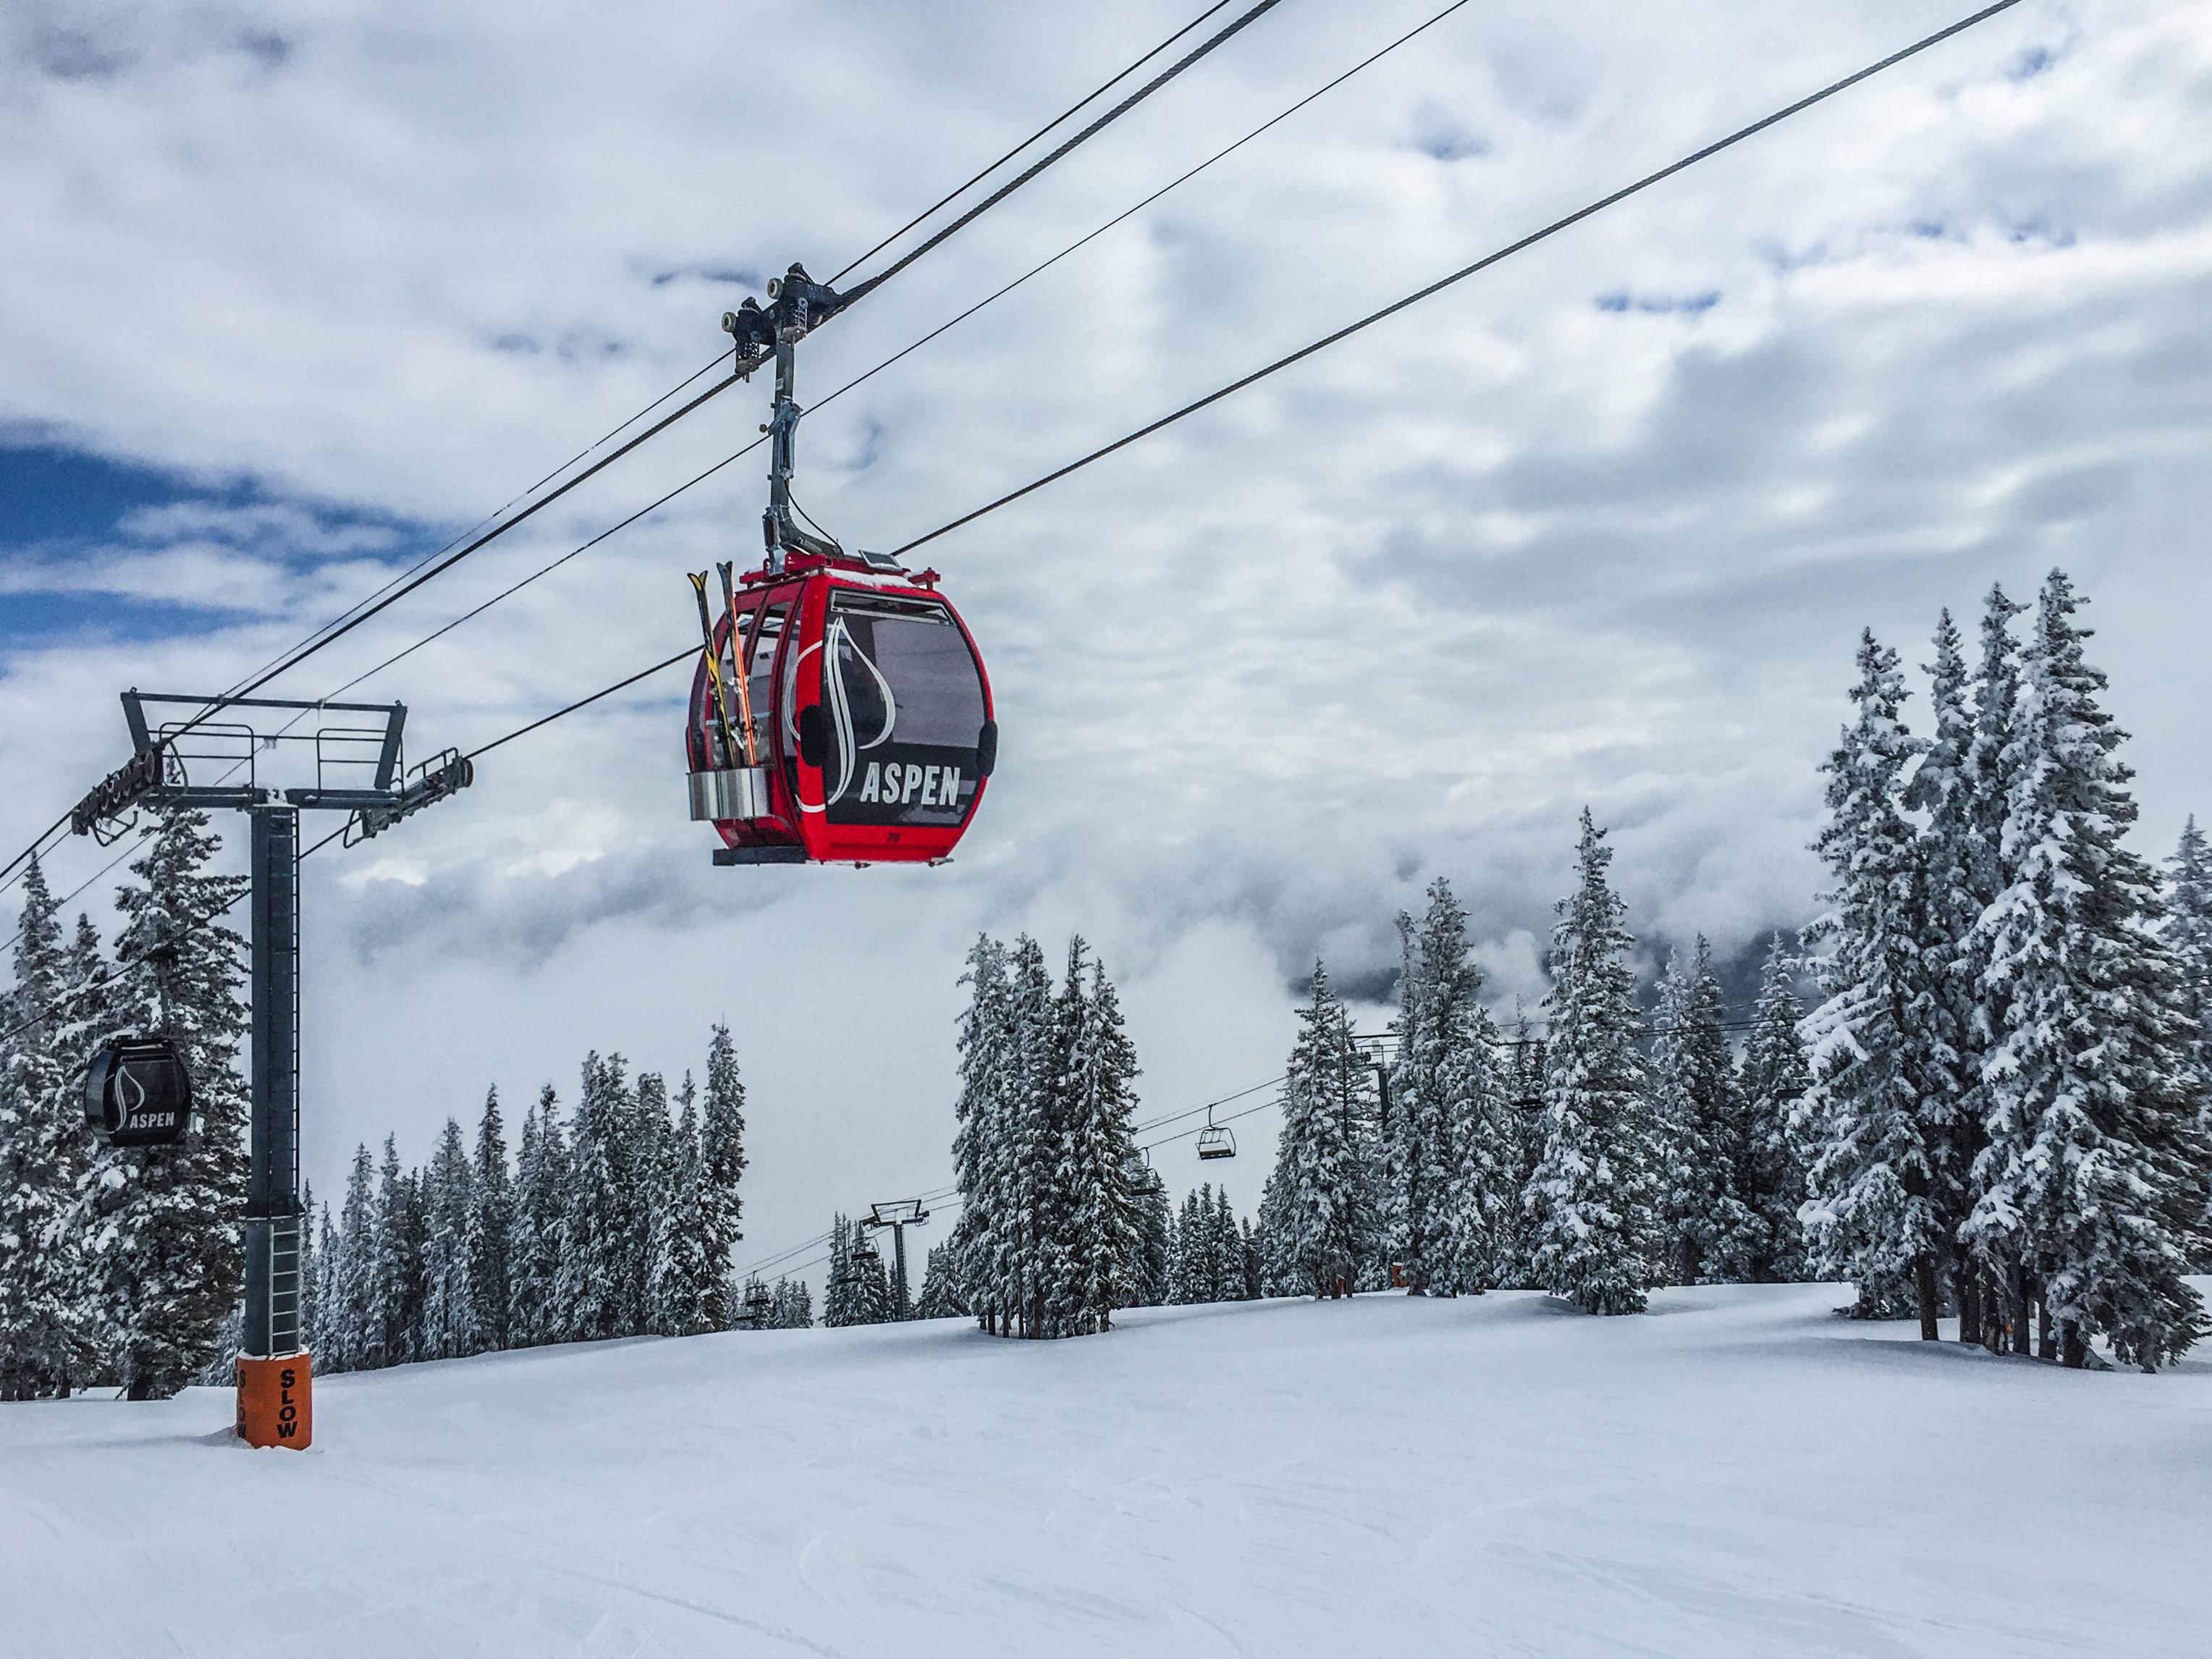 In het skigebied Aspen in Colorado ontvangen kids t/m 12 jaar korting op een combi deal van liftpas en huur materiaal